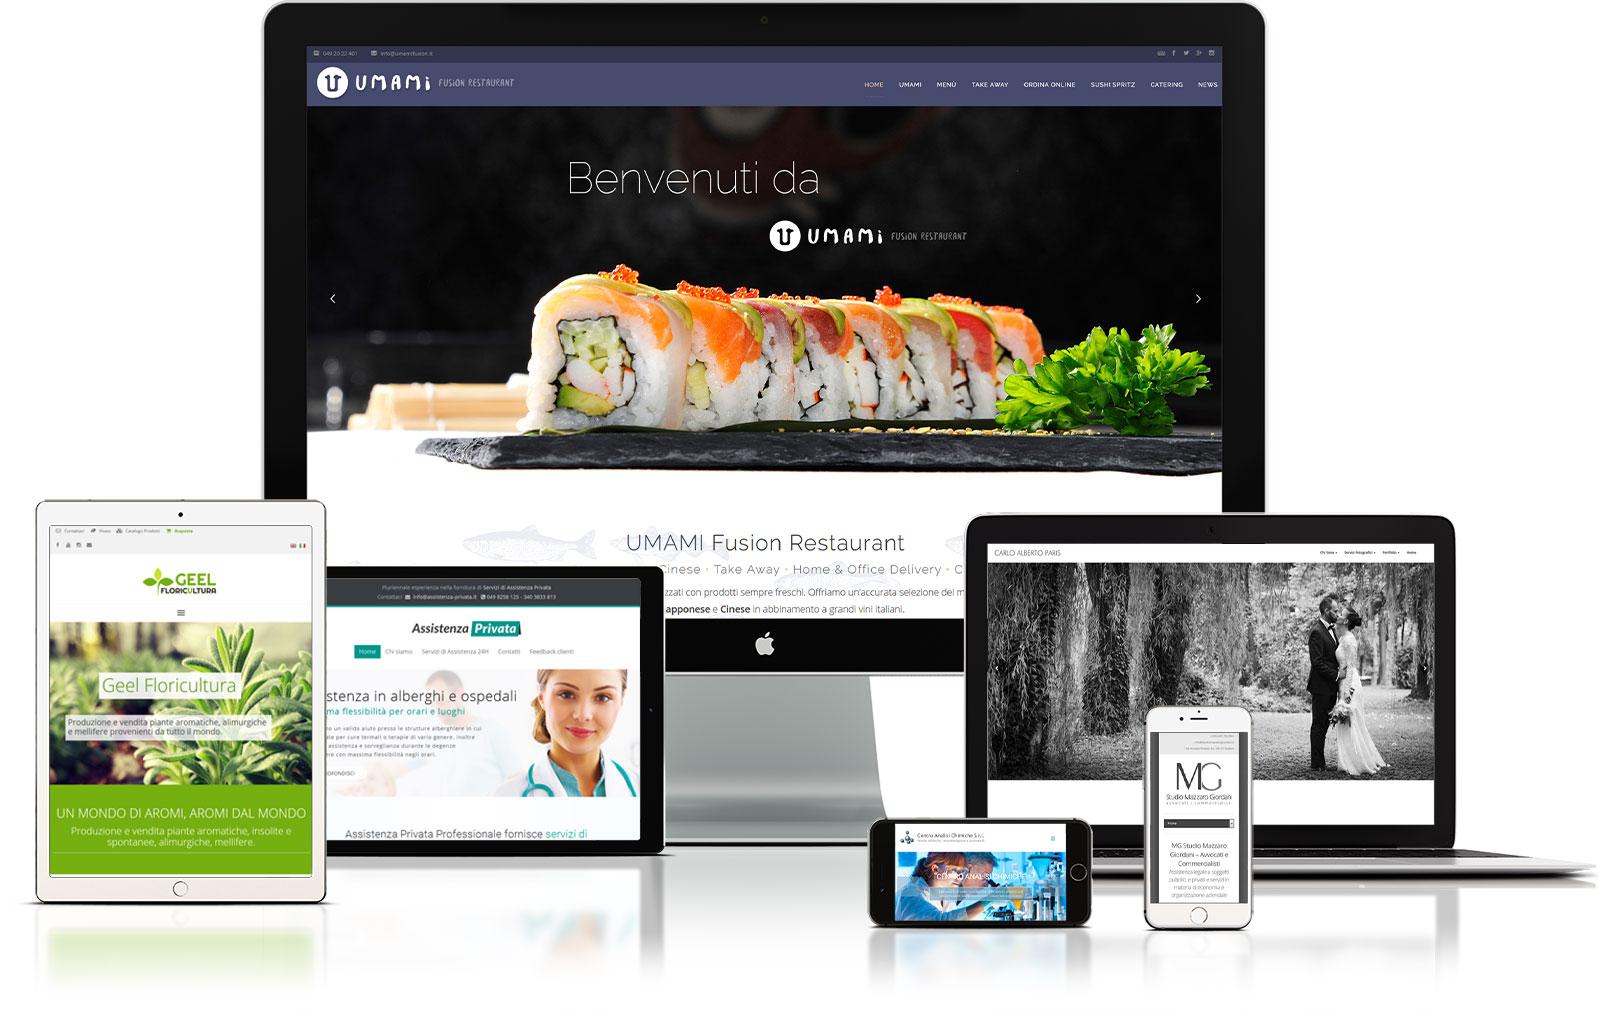 siti-web-adatti-su-ogni-dispositivo-responsive-design